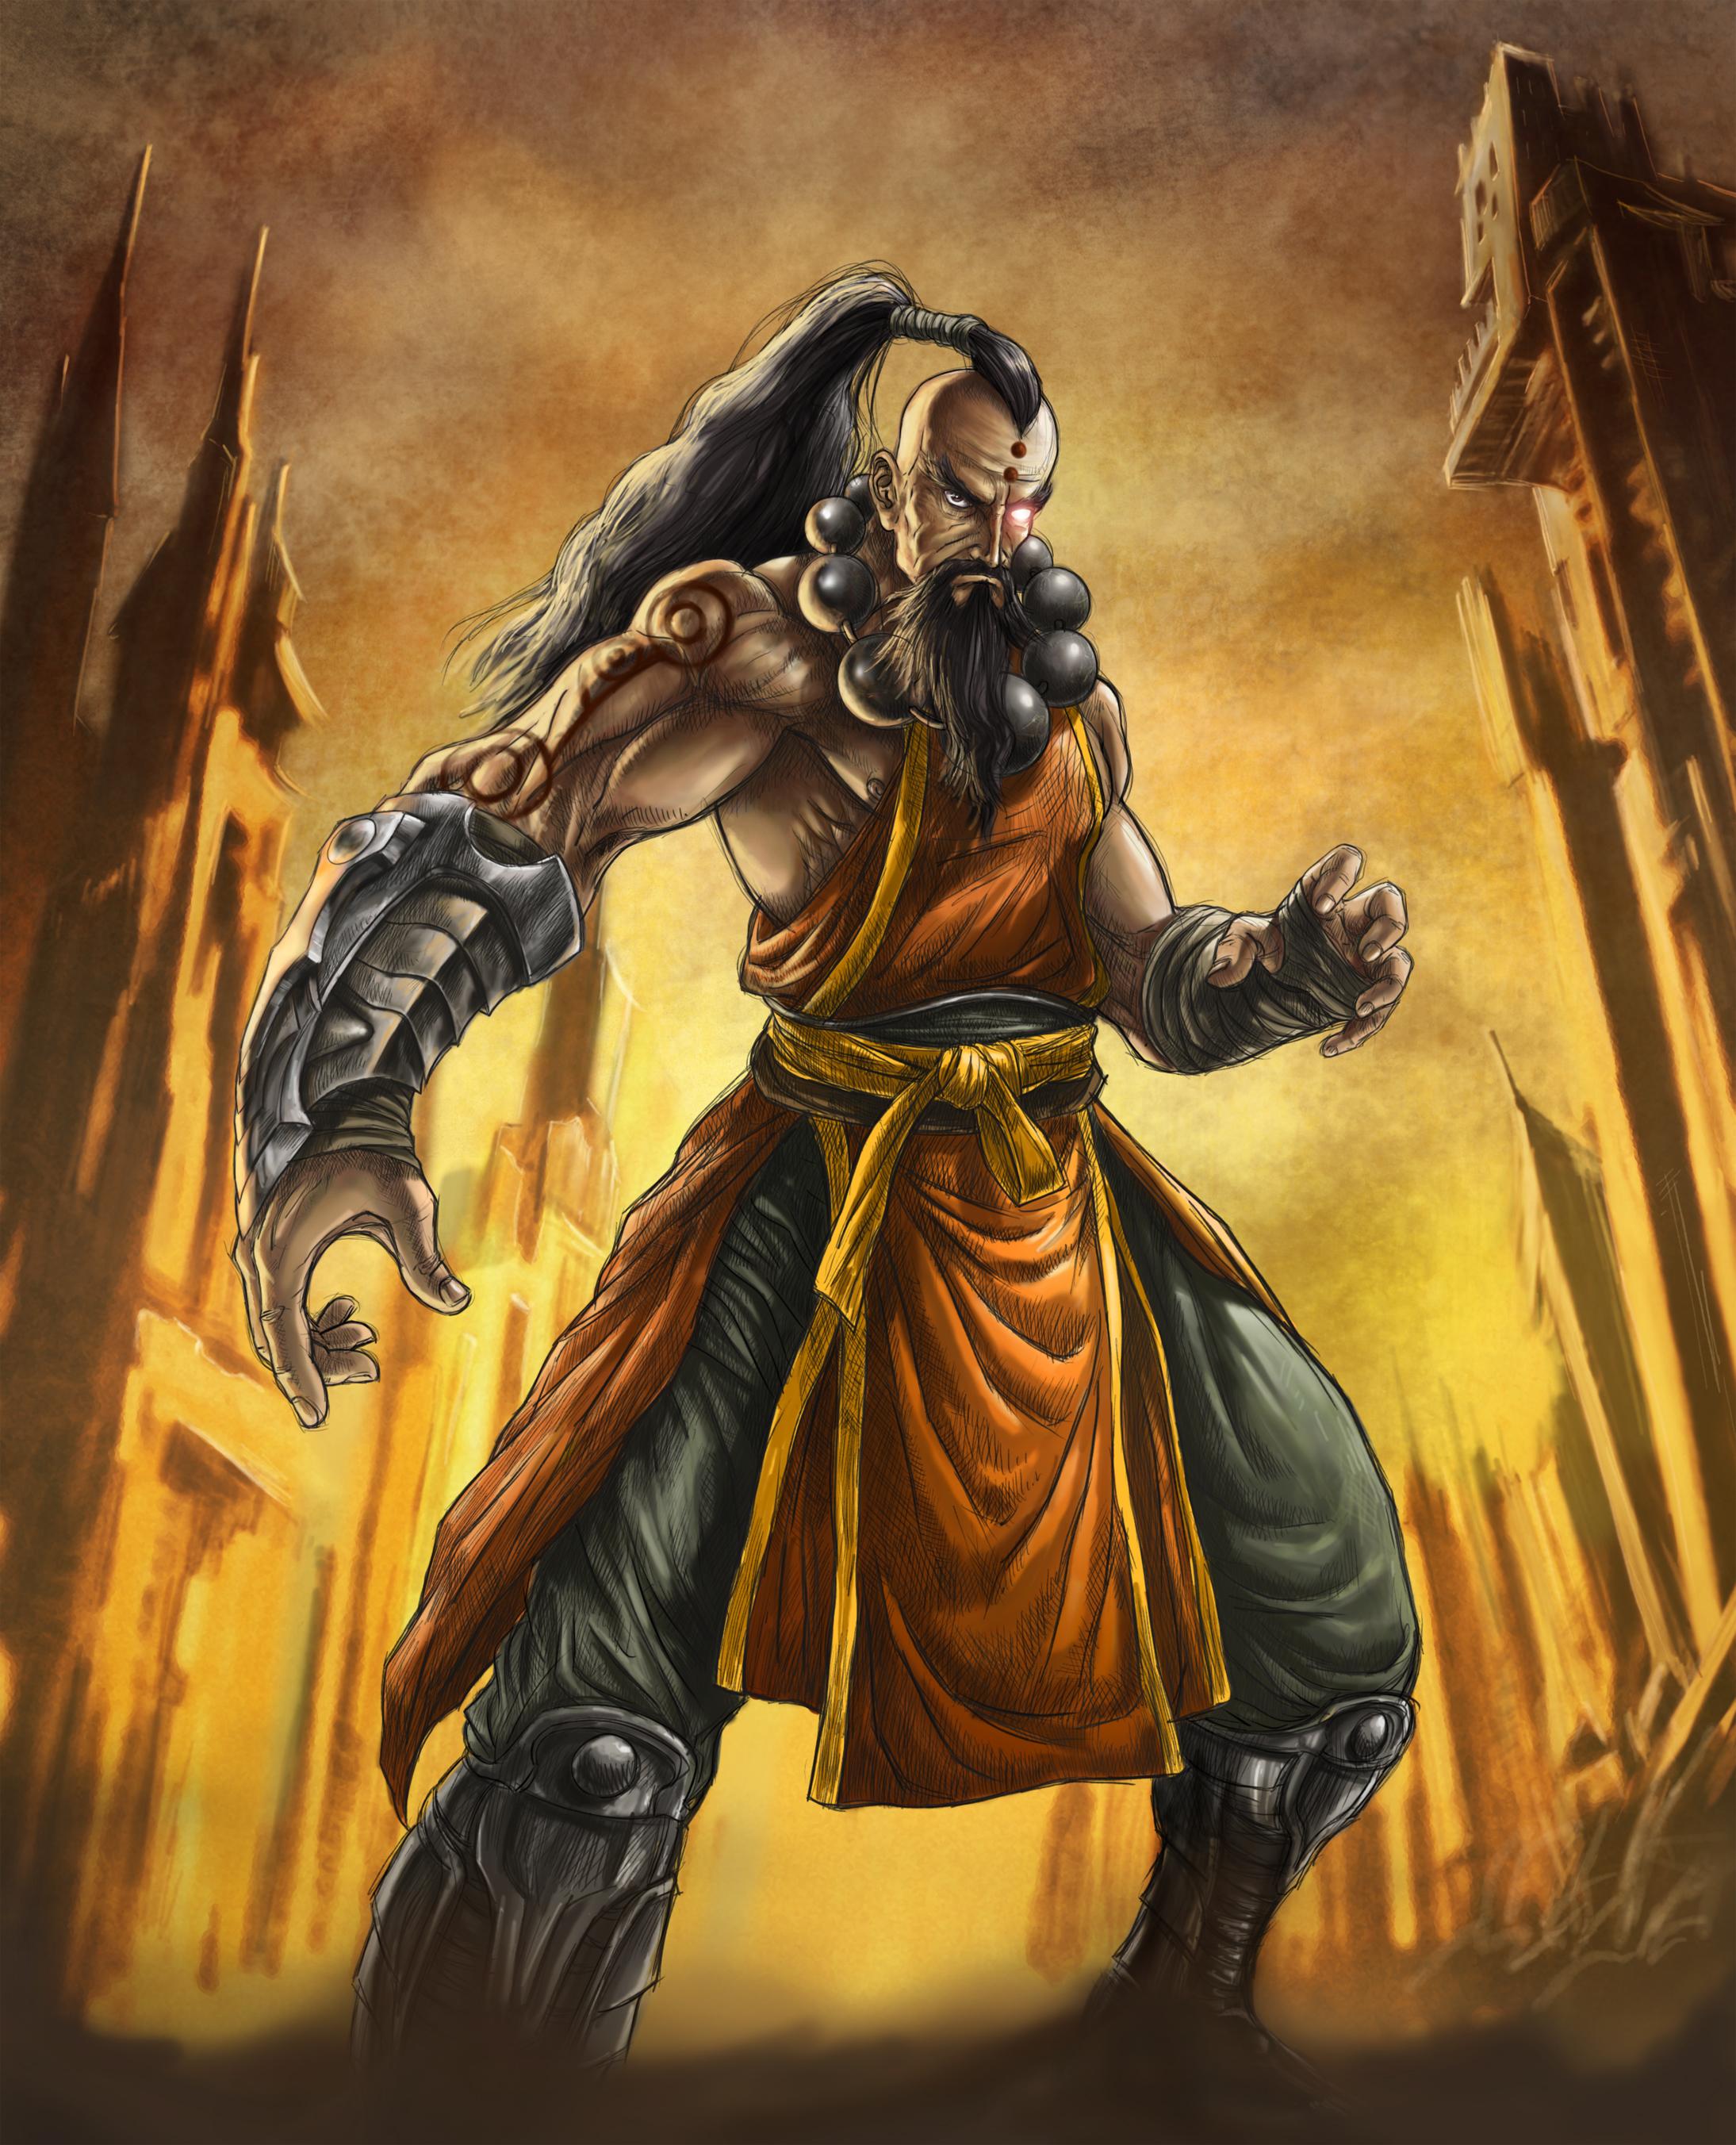 Diablo III: The Monk by ric3do on DeviantArt